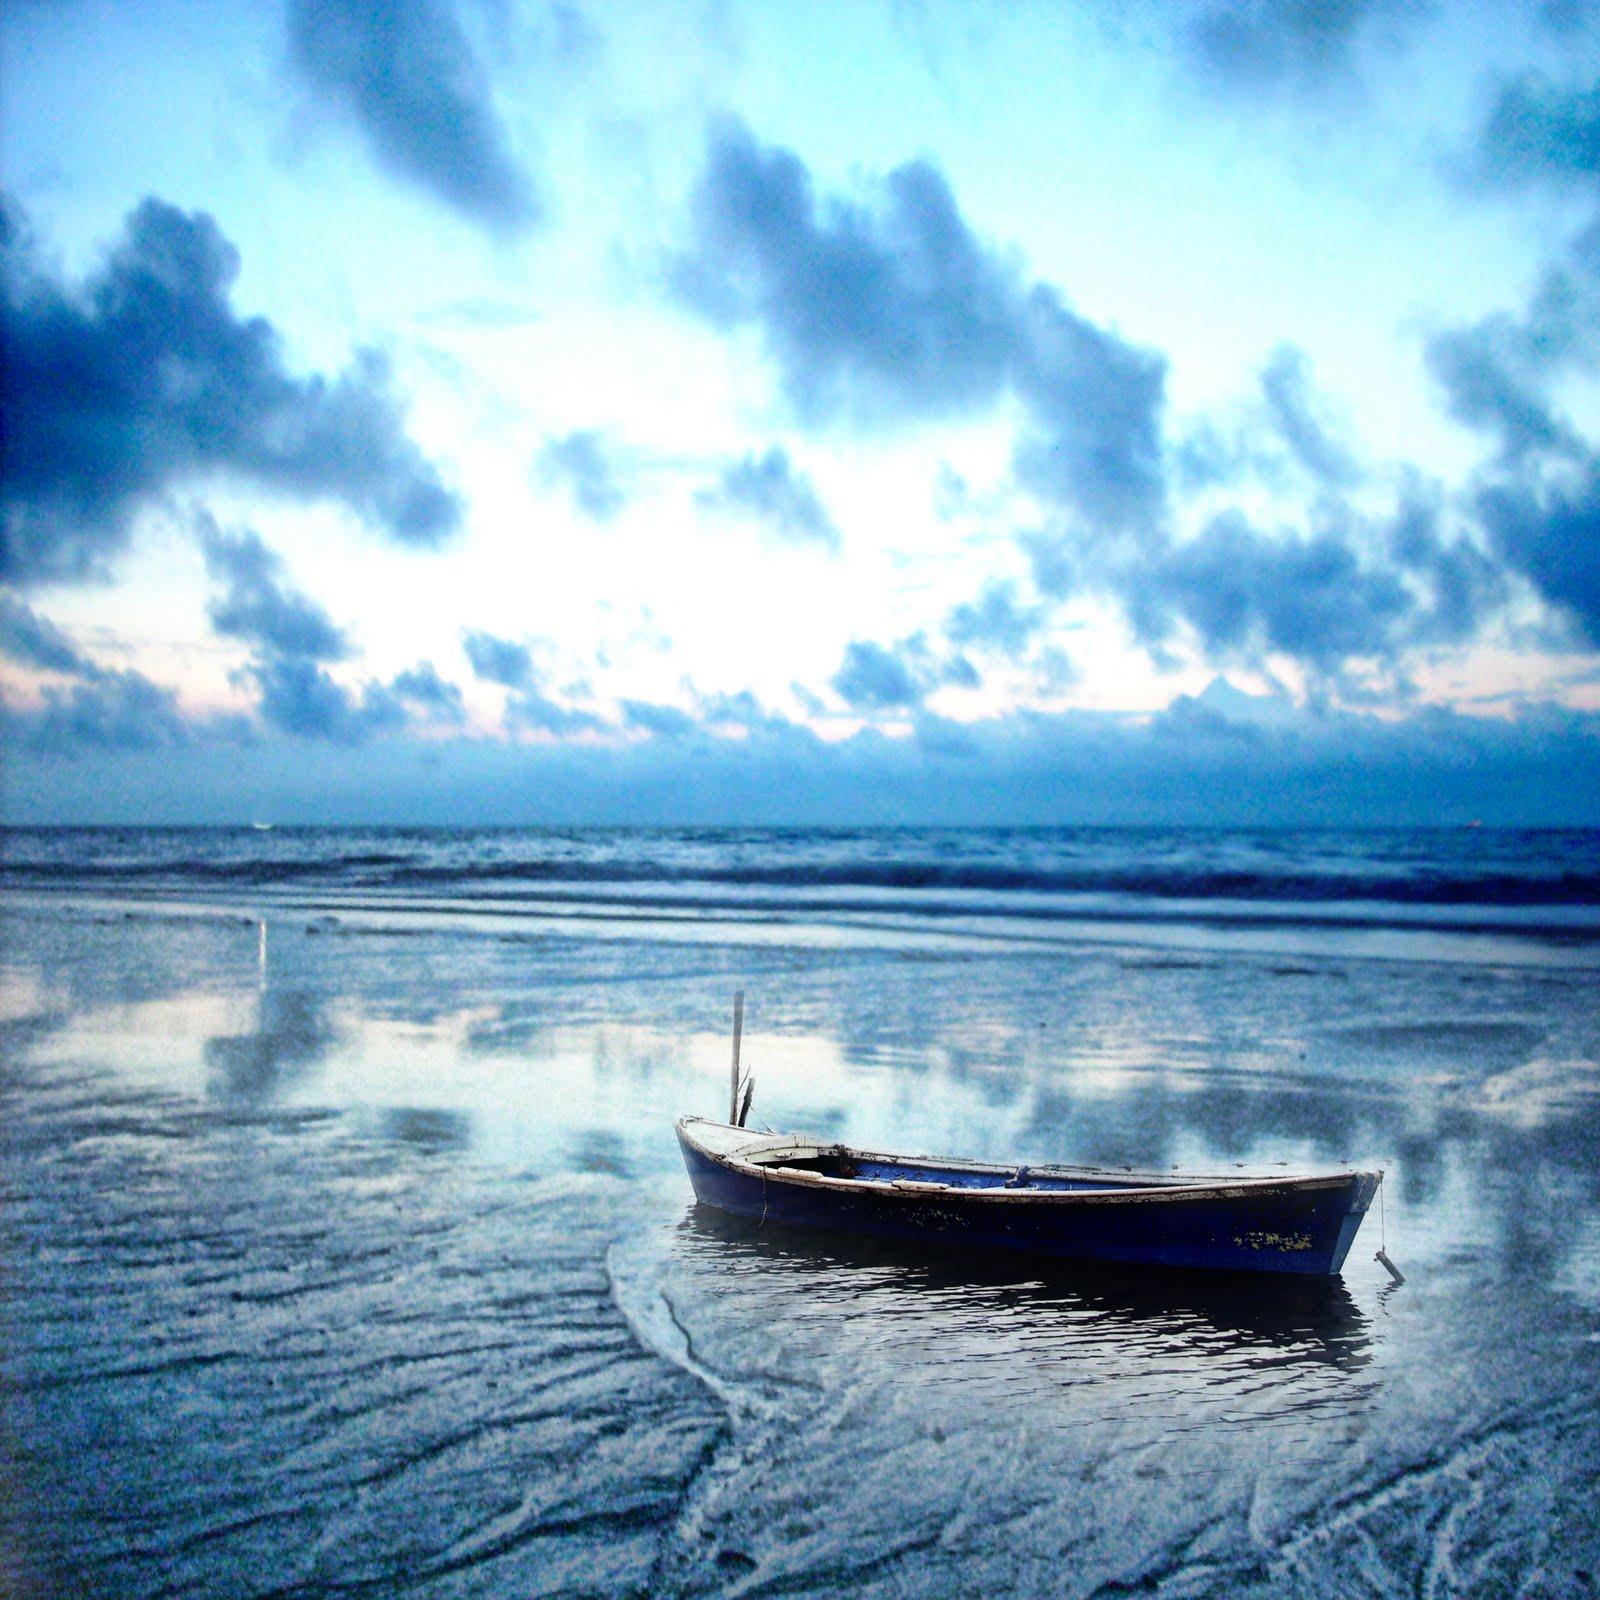 那是一段不能忘记的回忆,(nà shi yī duàn bù néng wàng jì dí huí yì) - That is an unforgettable memory 心灵的顾忌无从抛弃。(xīn líng dí gù jì wú cóng pāo qì) - does not have the heart to abandoned it